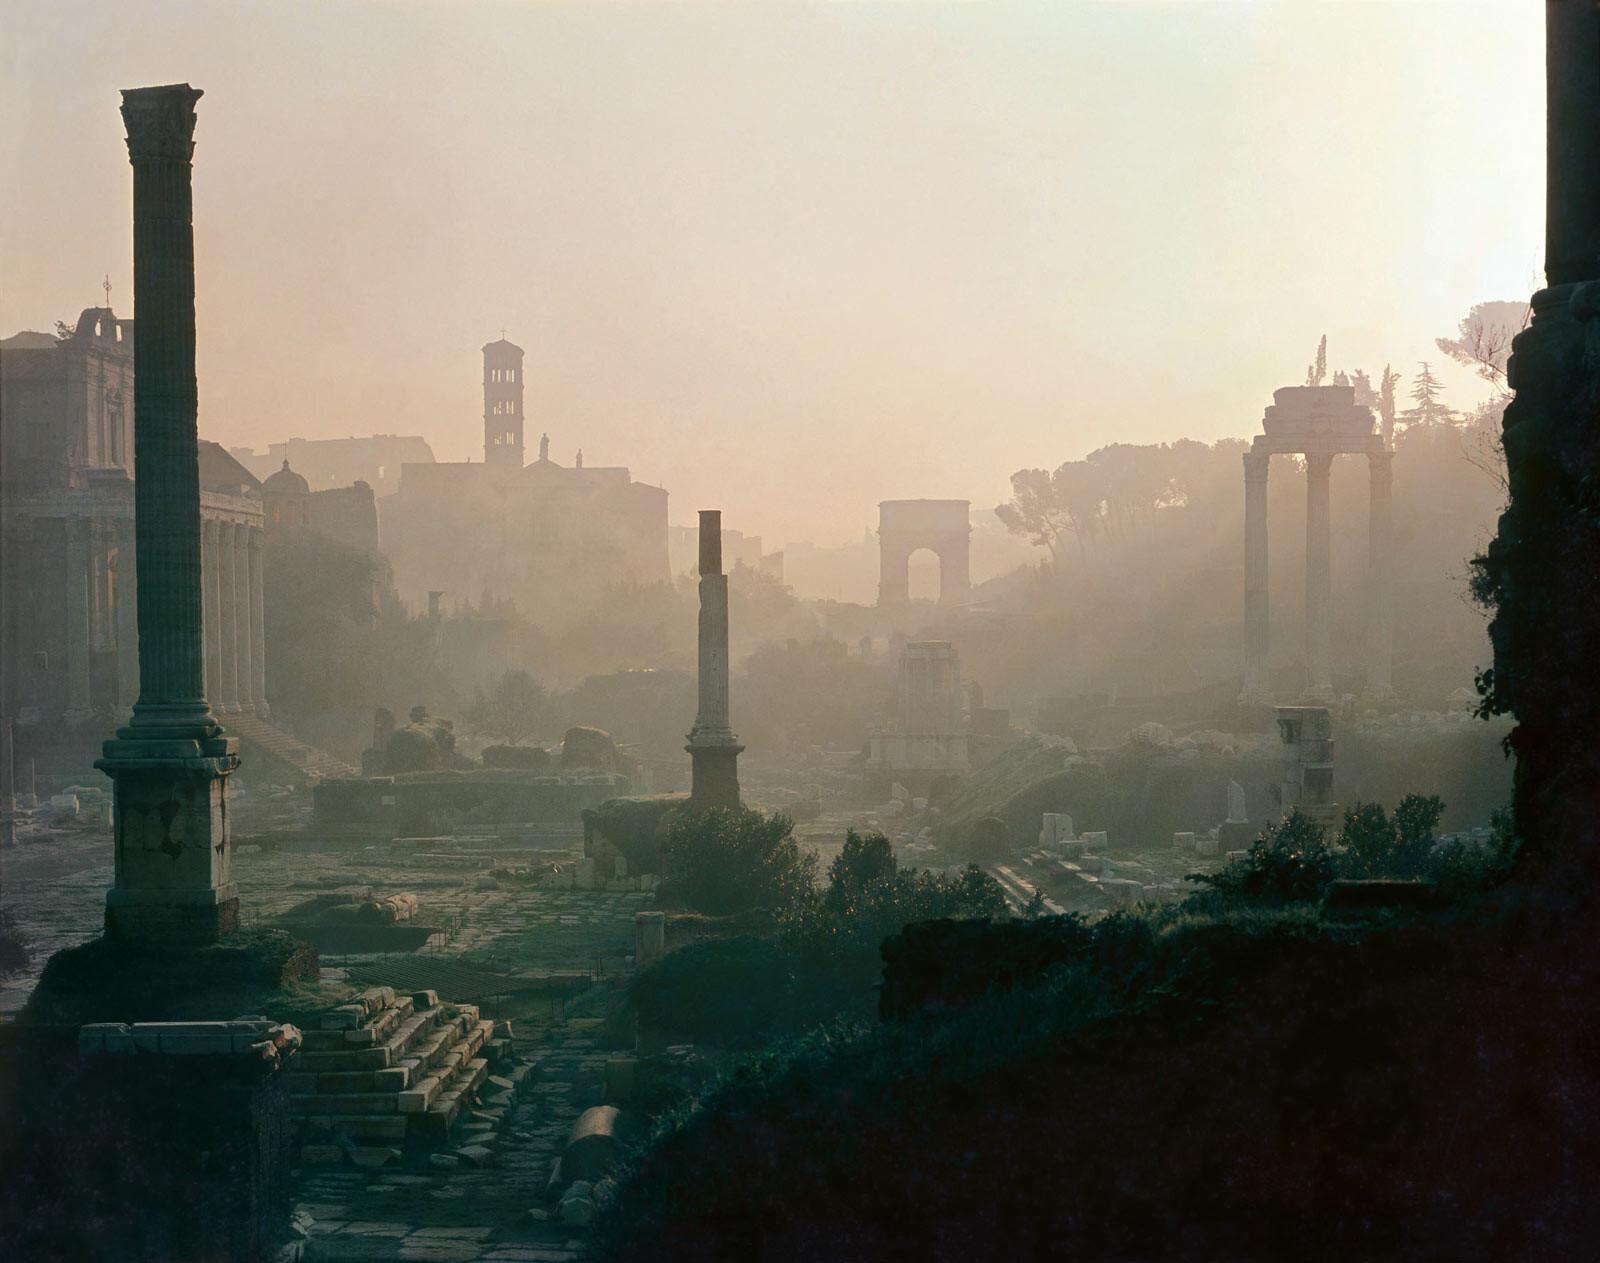 Forum Romanum, Rom - Erich Lessing